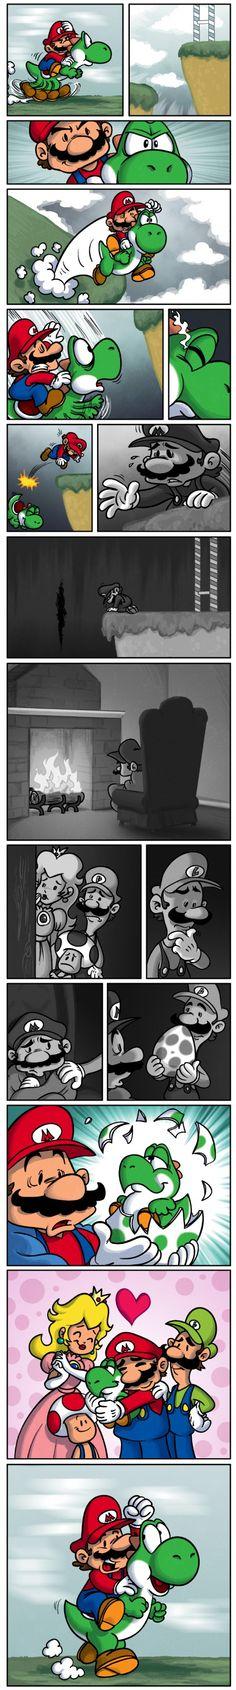 A Yoshi Story